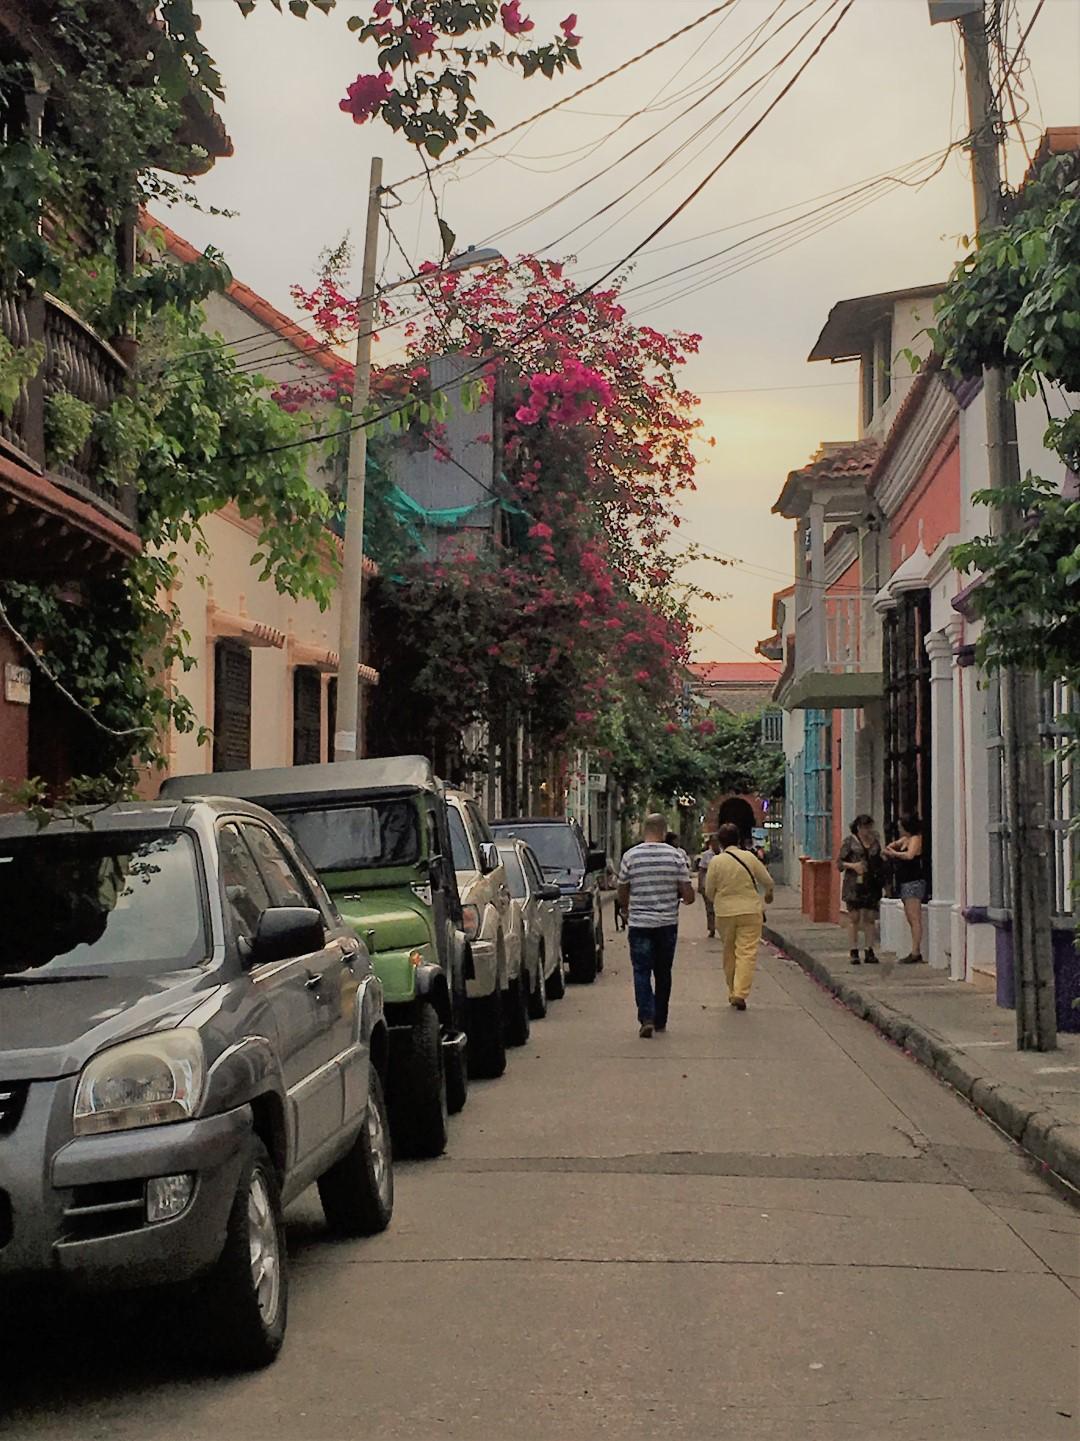 Colombia Street Scene